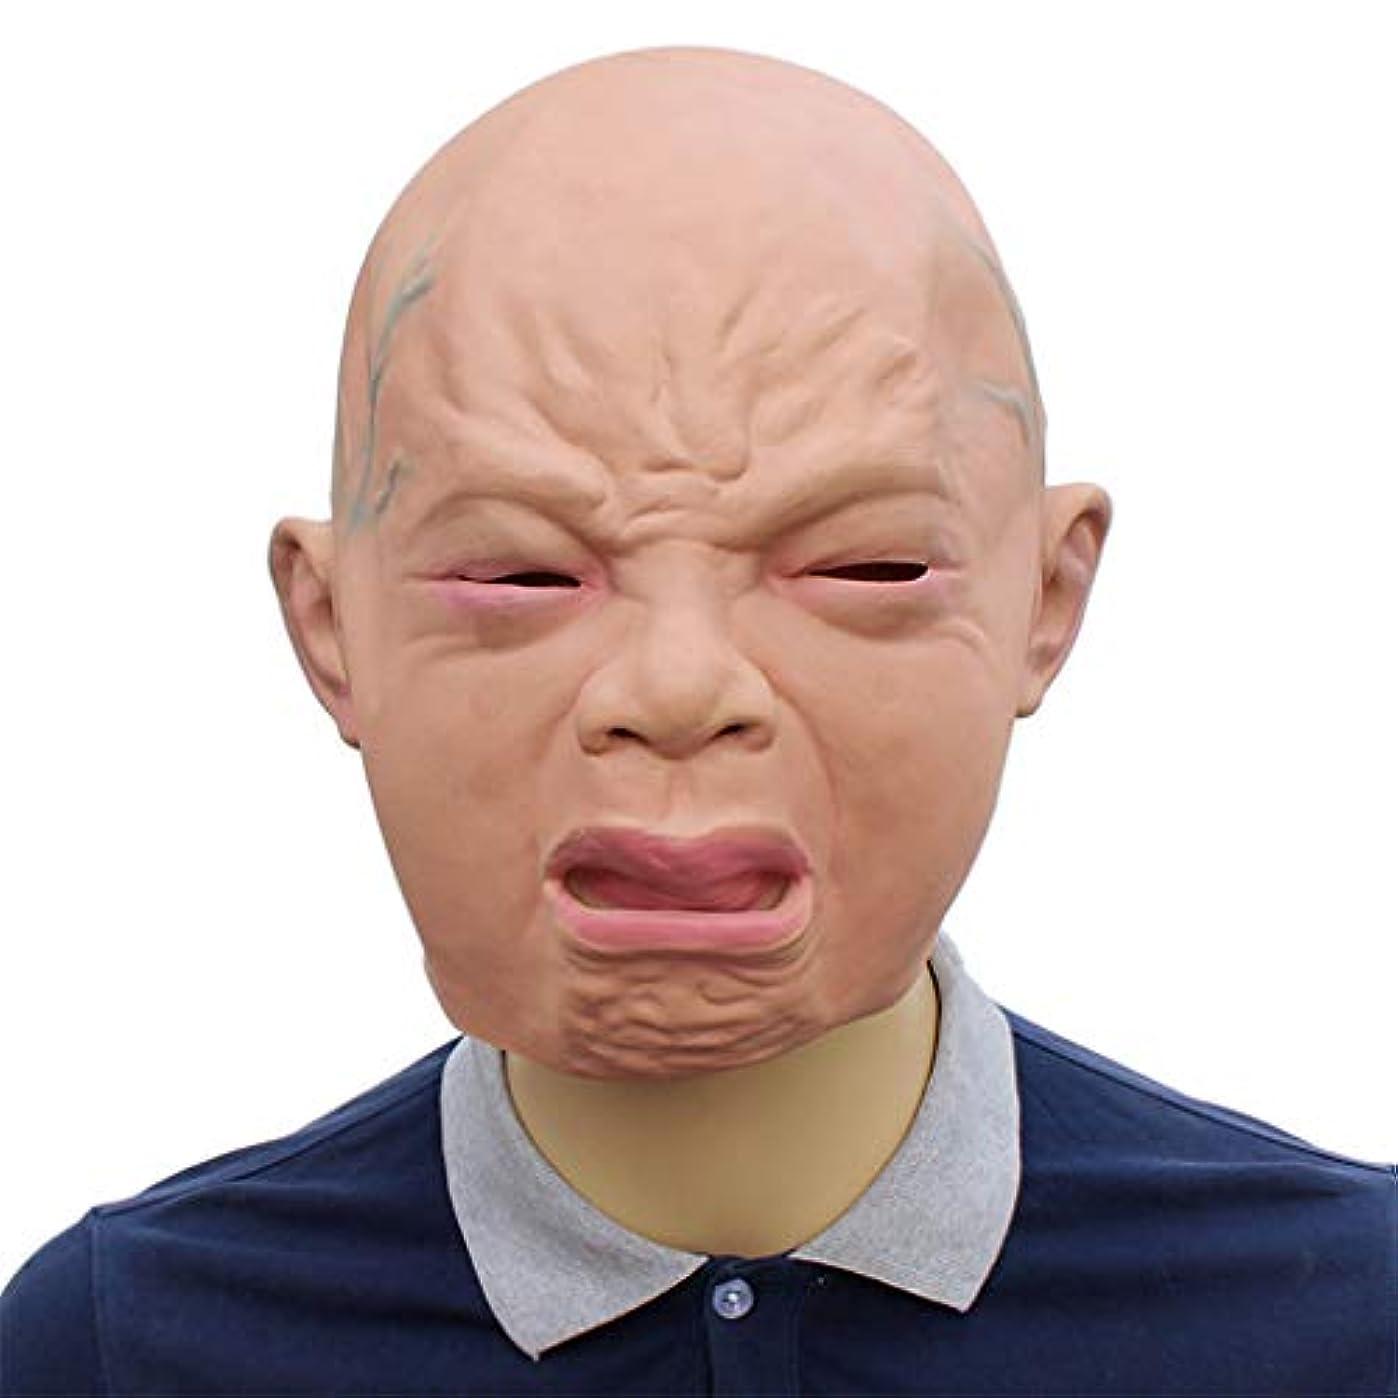 脱獄削る櫛ハロウィンマスク、キャラクターマスク、ノベルティファニーラテックスリアルな泣き虫ベビーギア、ハロウィンイースターコスチュームコスプレ用